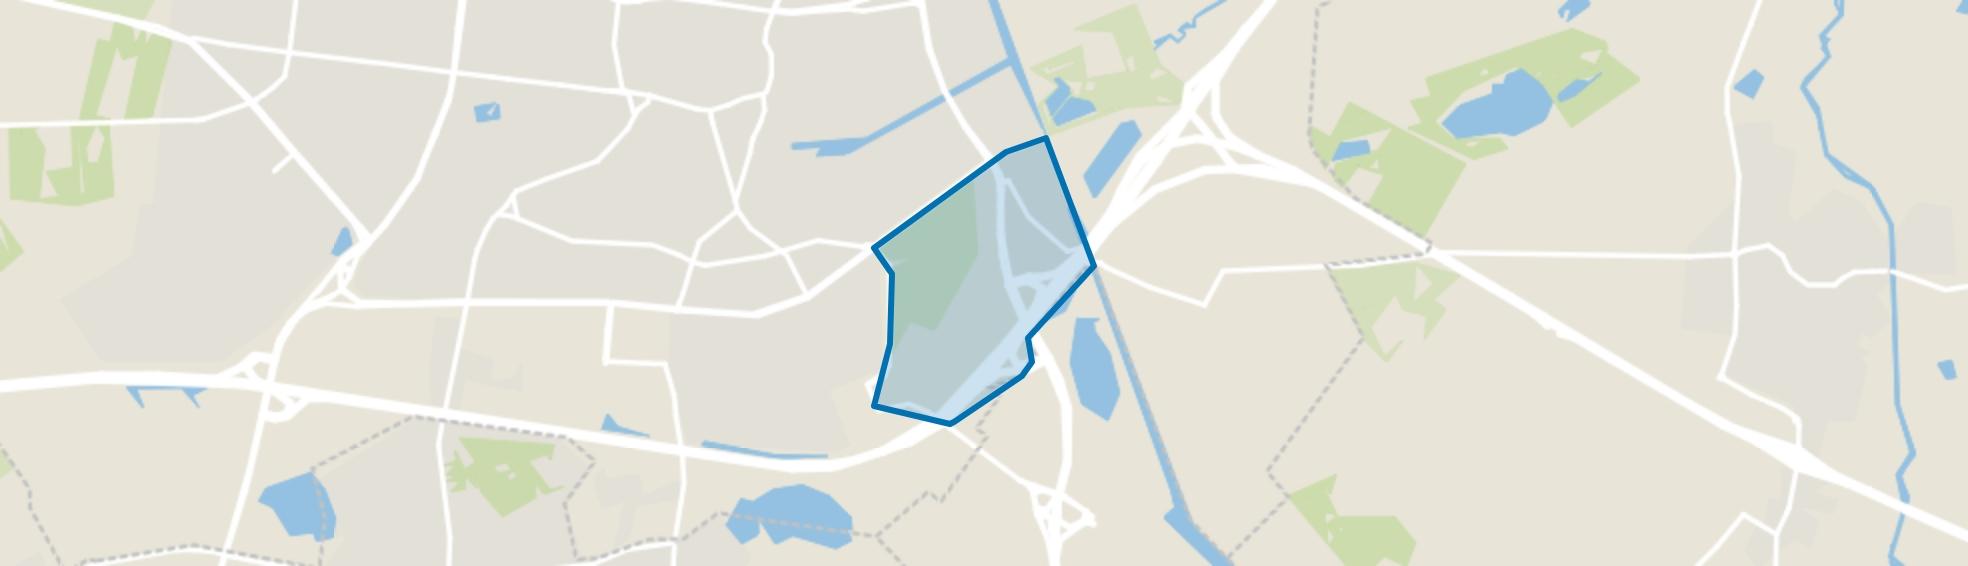 De Leij, Tilburg map